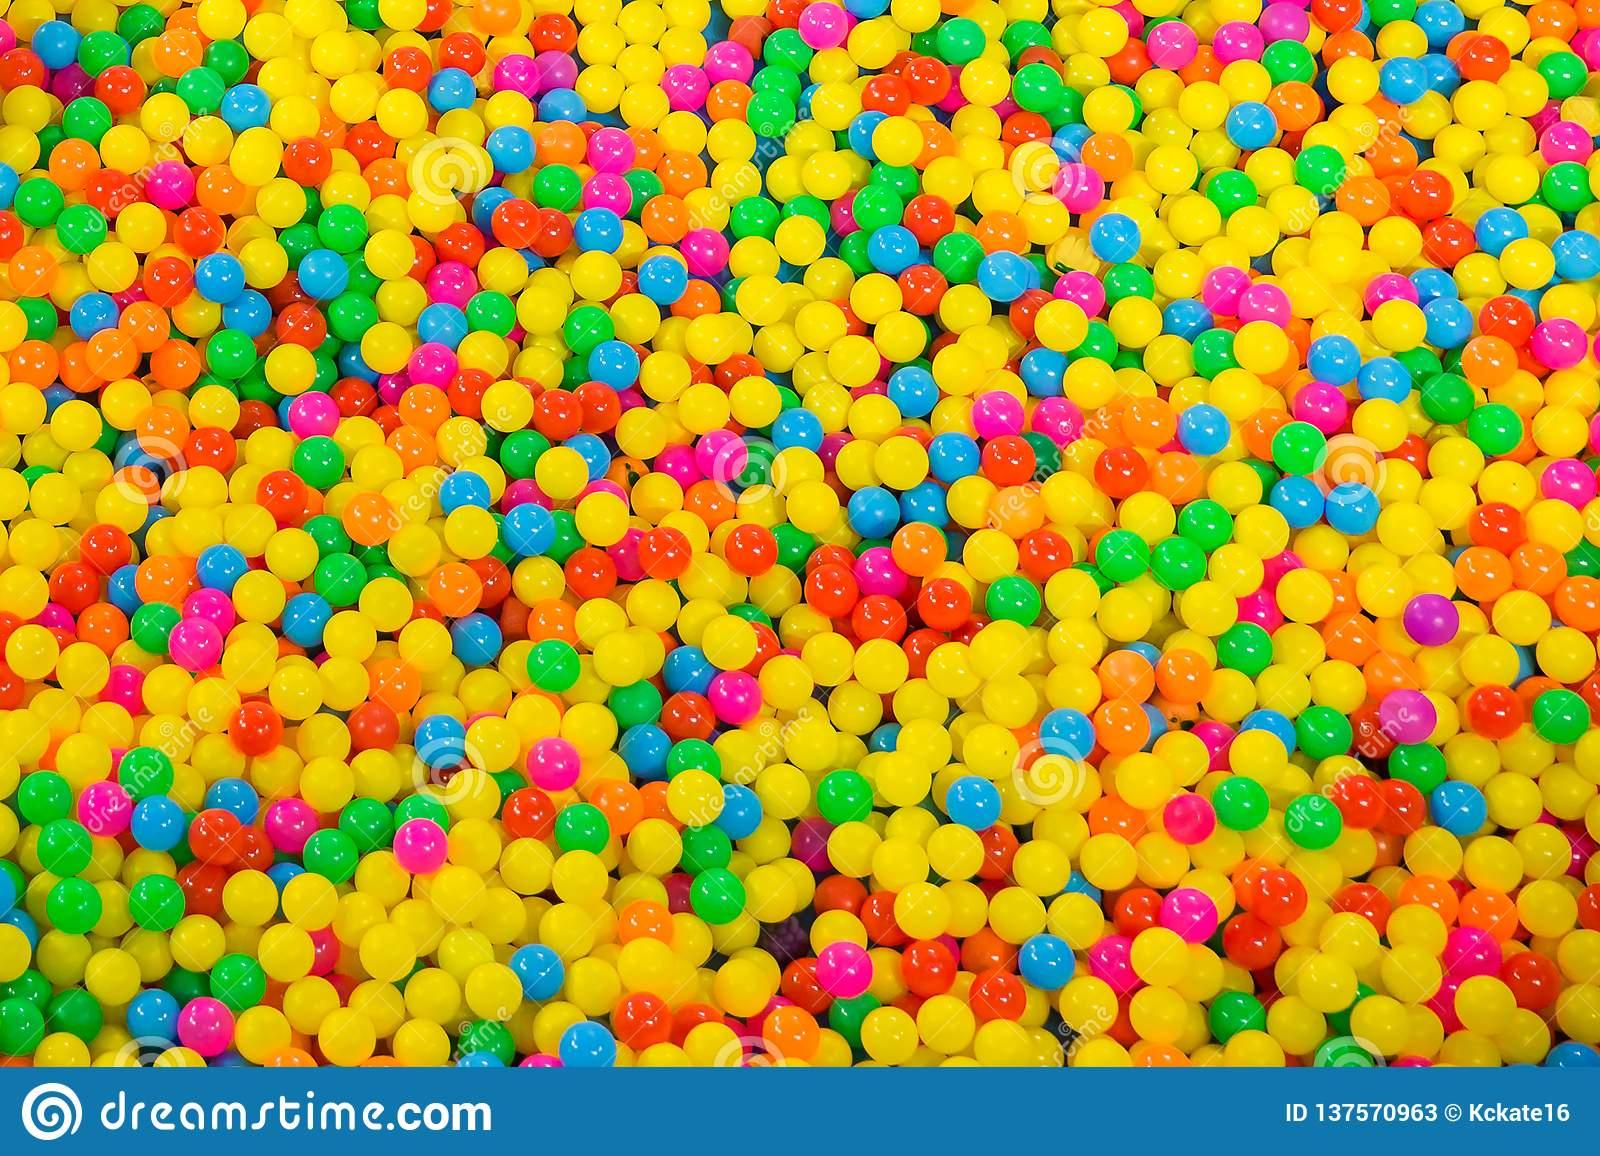 Piscine De Boule Dans La Salle De Jeux Des Enfants Boules En pour Jeux De Billes Gratuits